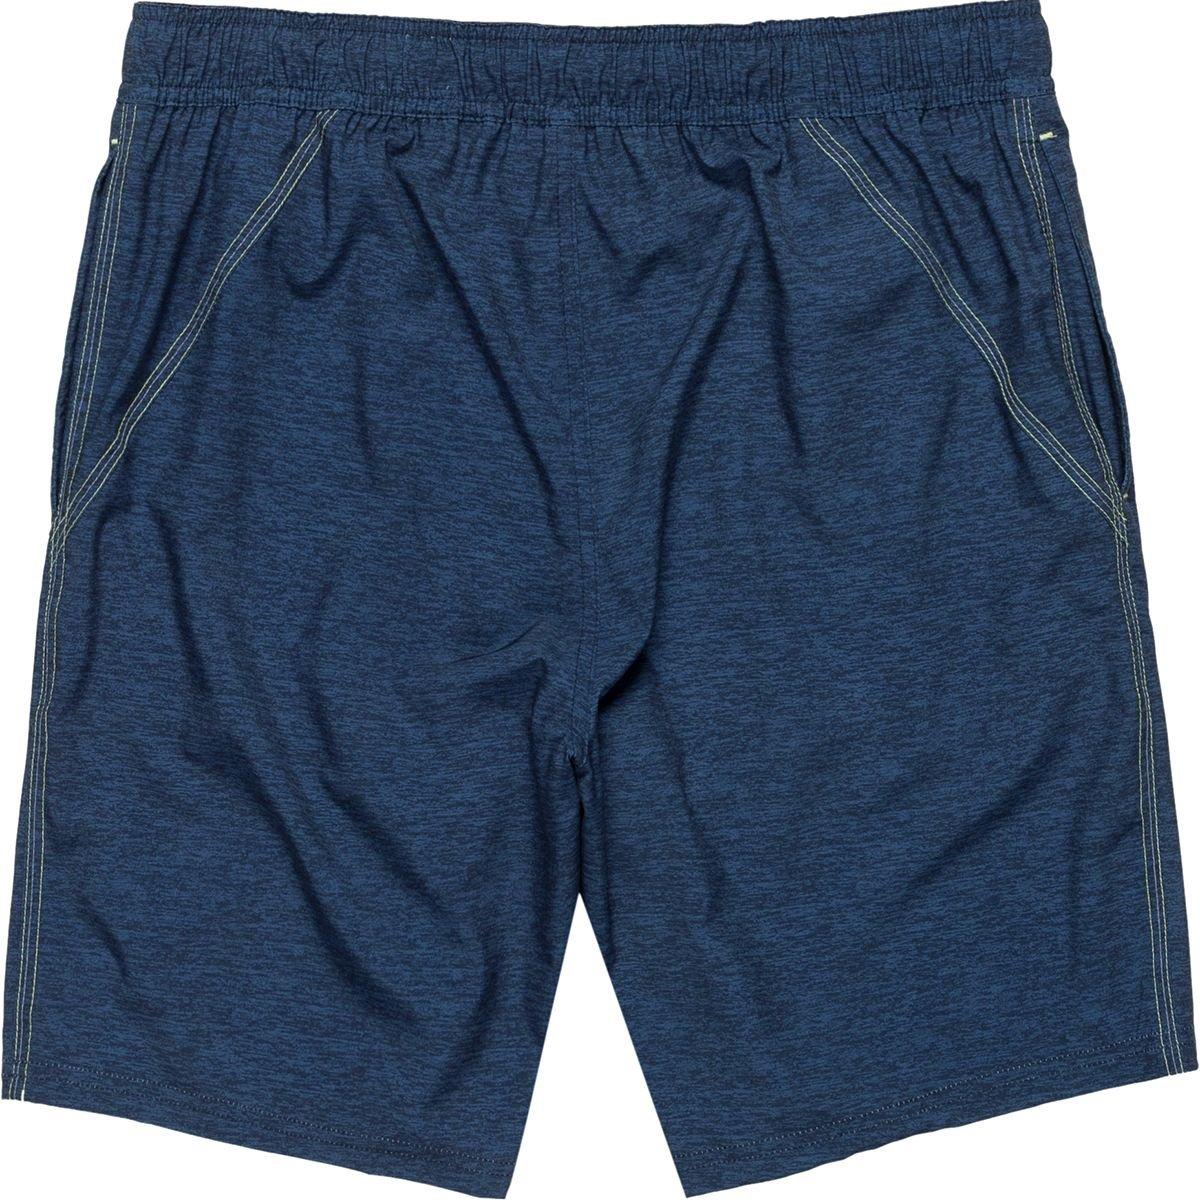 d3c5aed0d5 Gerry Solid Swim Short - Men's   Amazon.com